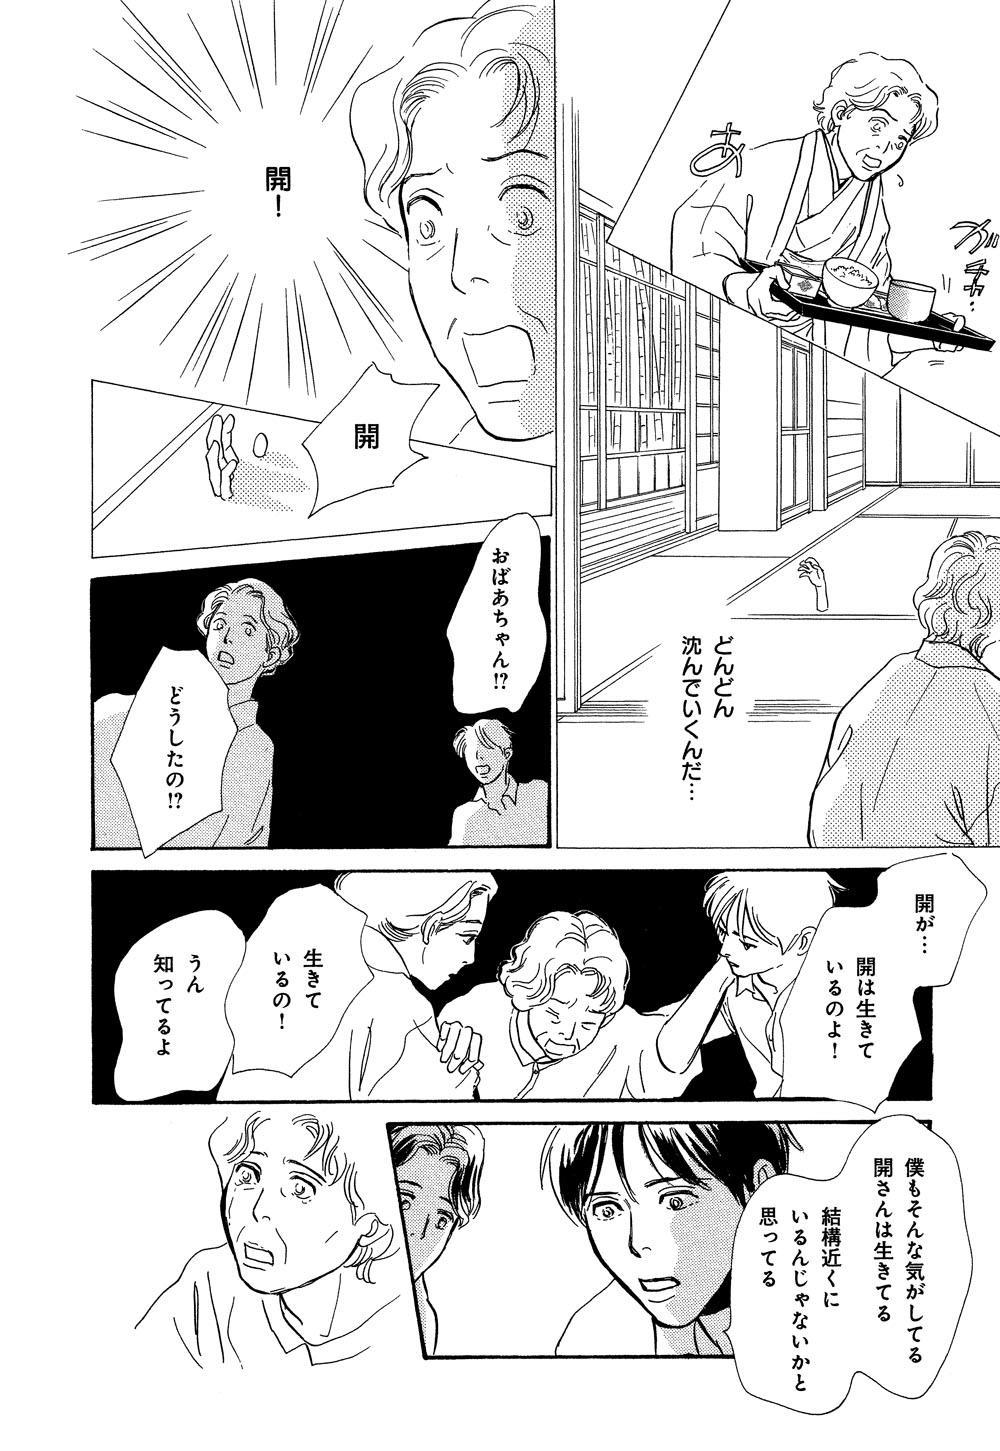 hyakki_0021_0020.jpg